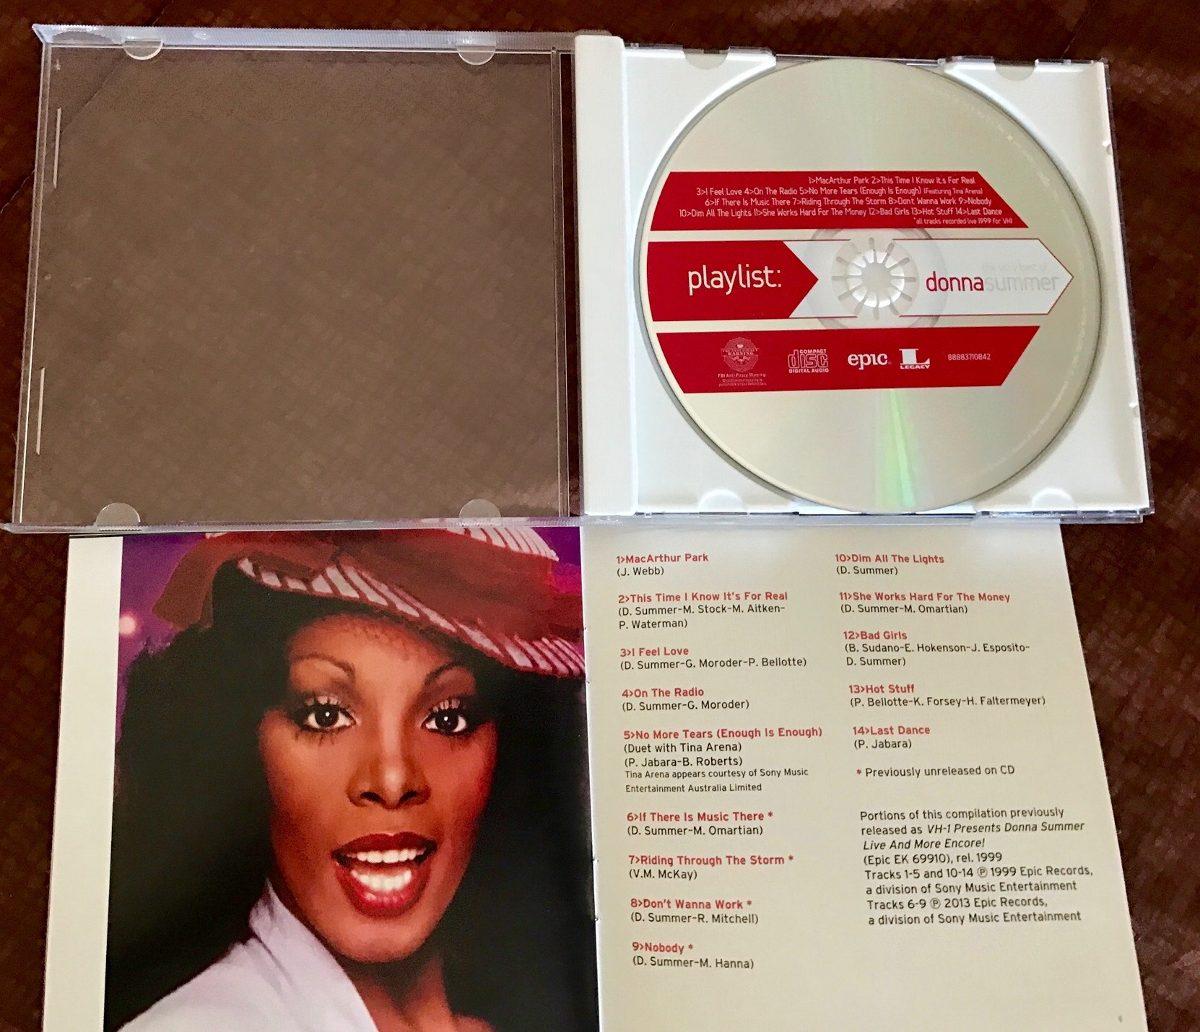 Donna Summer Playlist (edición Importada) - $ 149 90